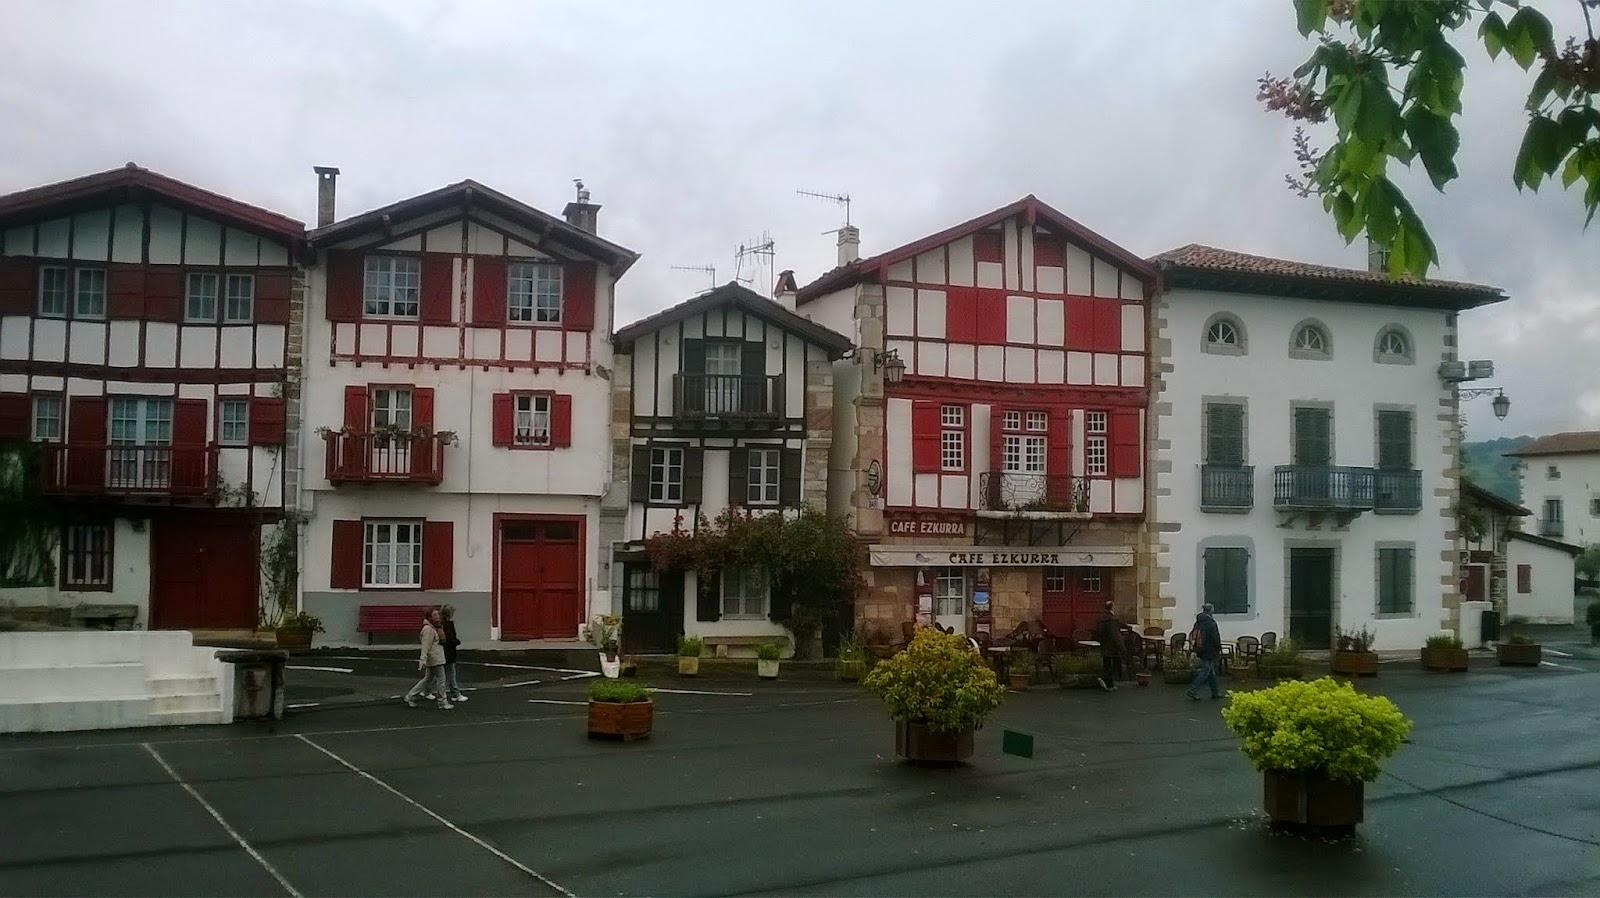 Guia acompa ante turistico pais vasco frances ainhoa y el calvario - Casas rurales pais vasco frances ...